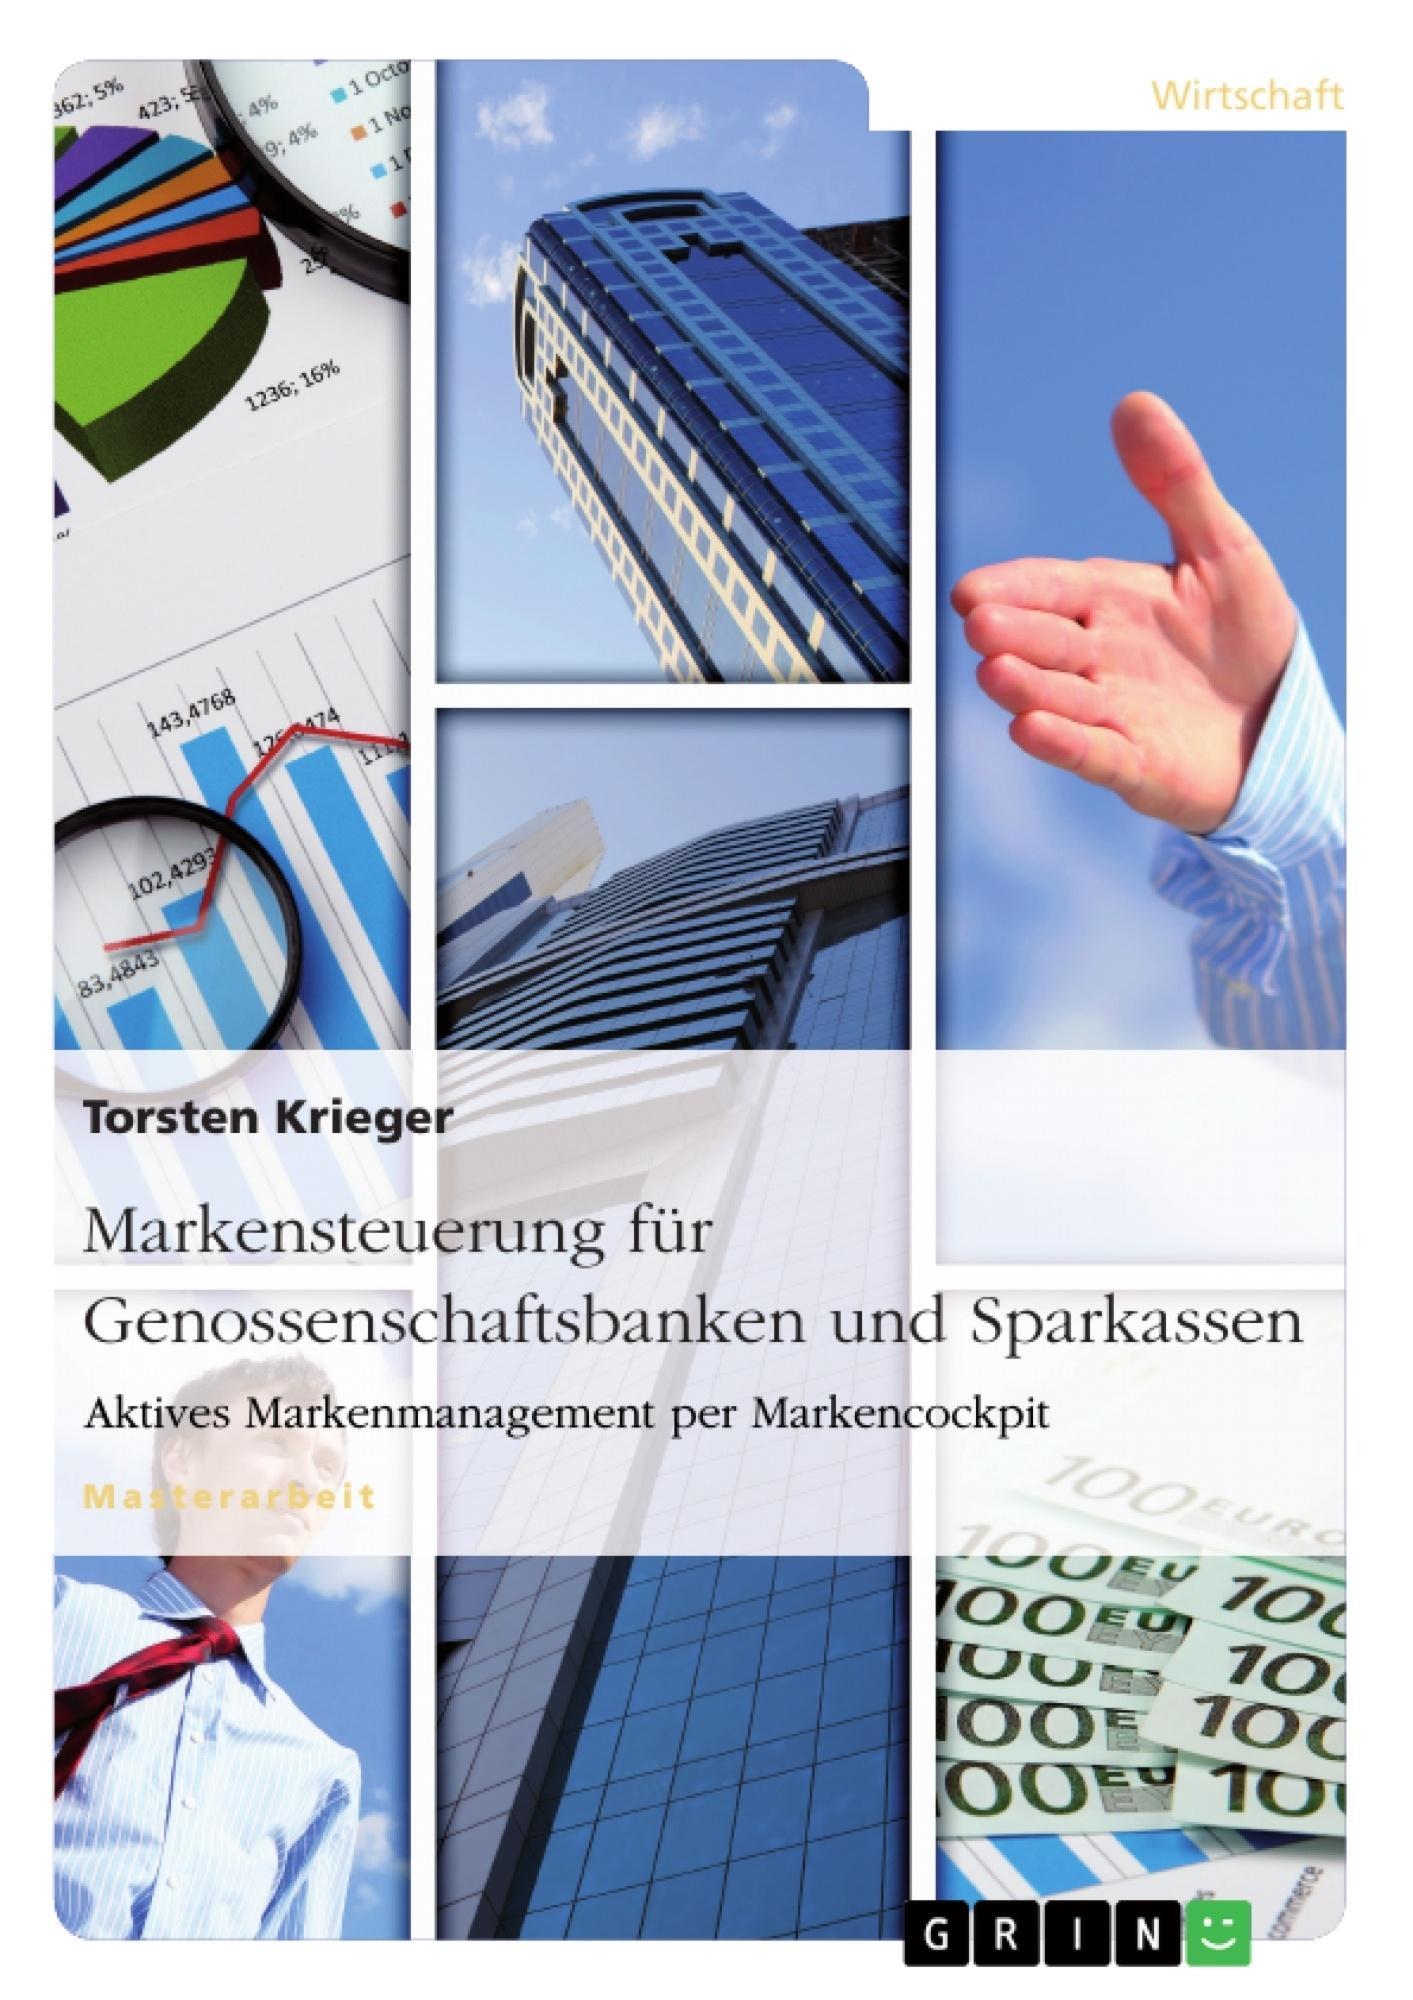 Titel: Markensteuerung für Genossenschaftsbanken und Sparkassen. Aktives Markenmanagement per Markencockpit